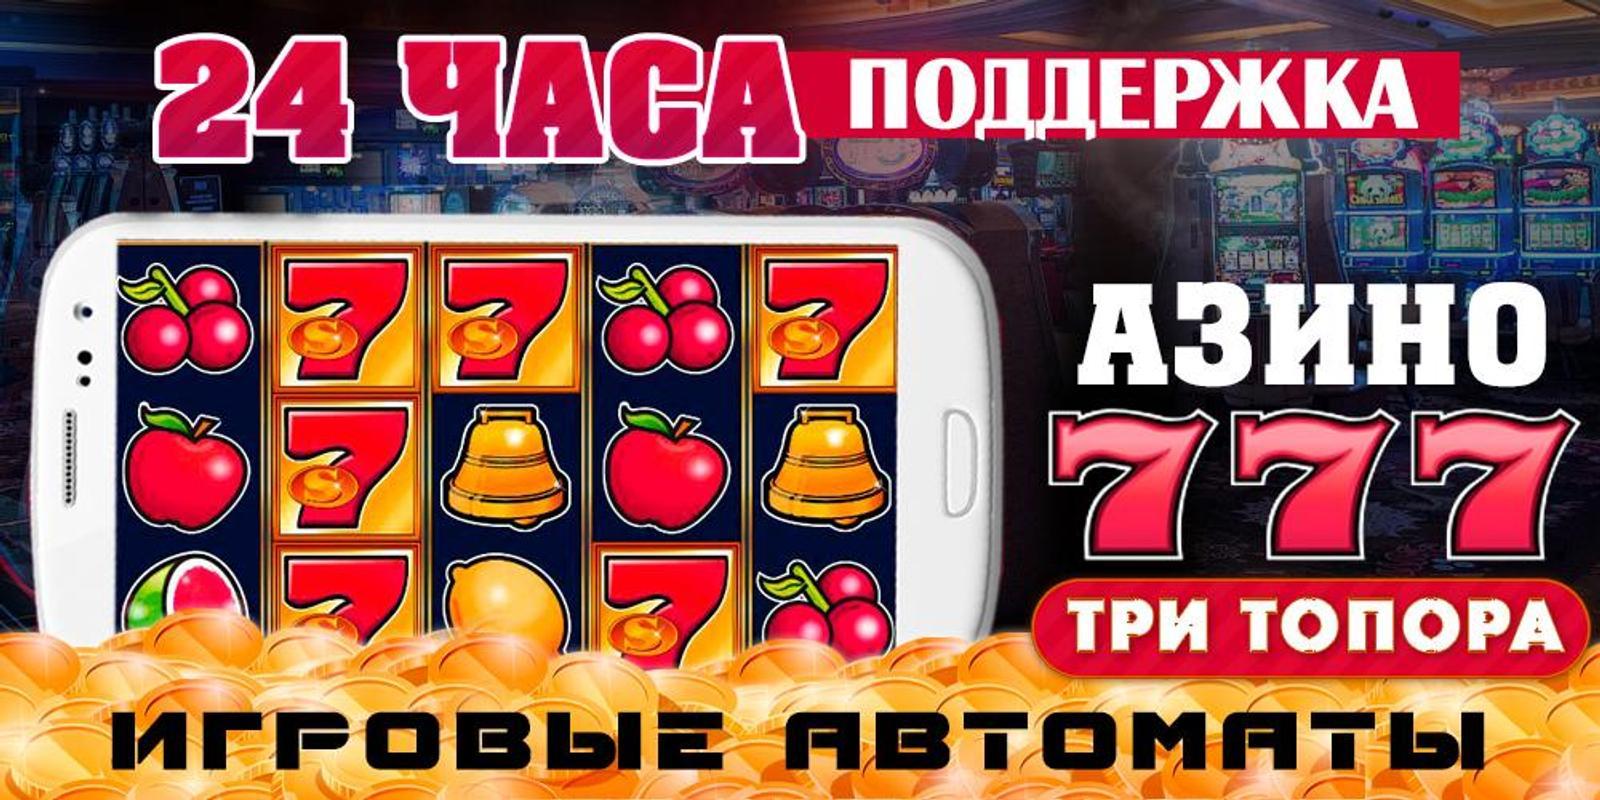 фото Топора игровые 3 автоматы азино